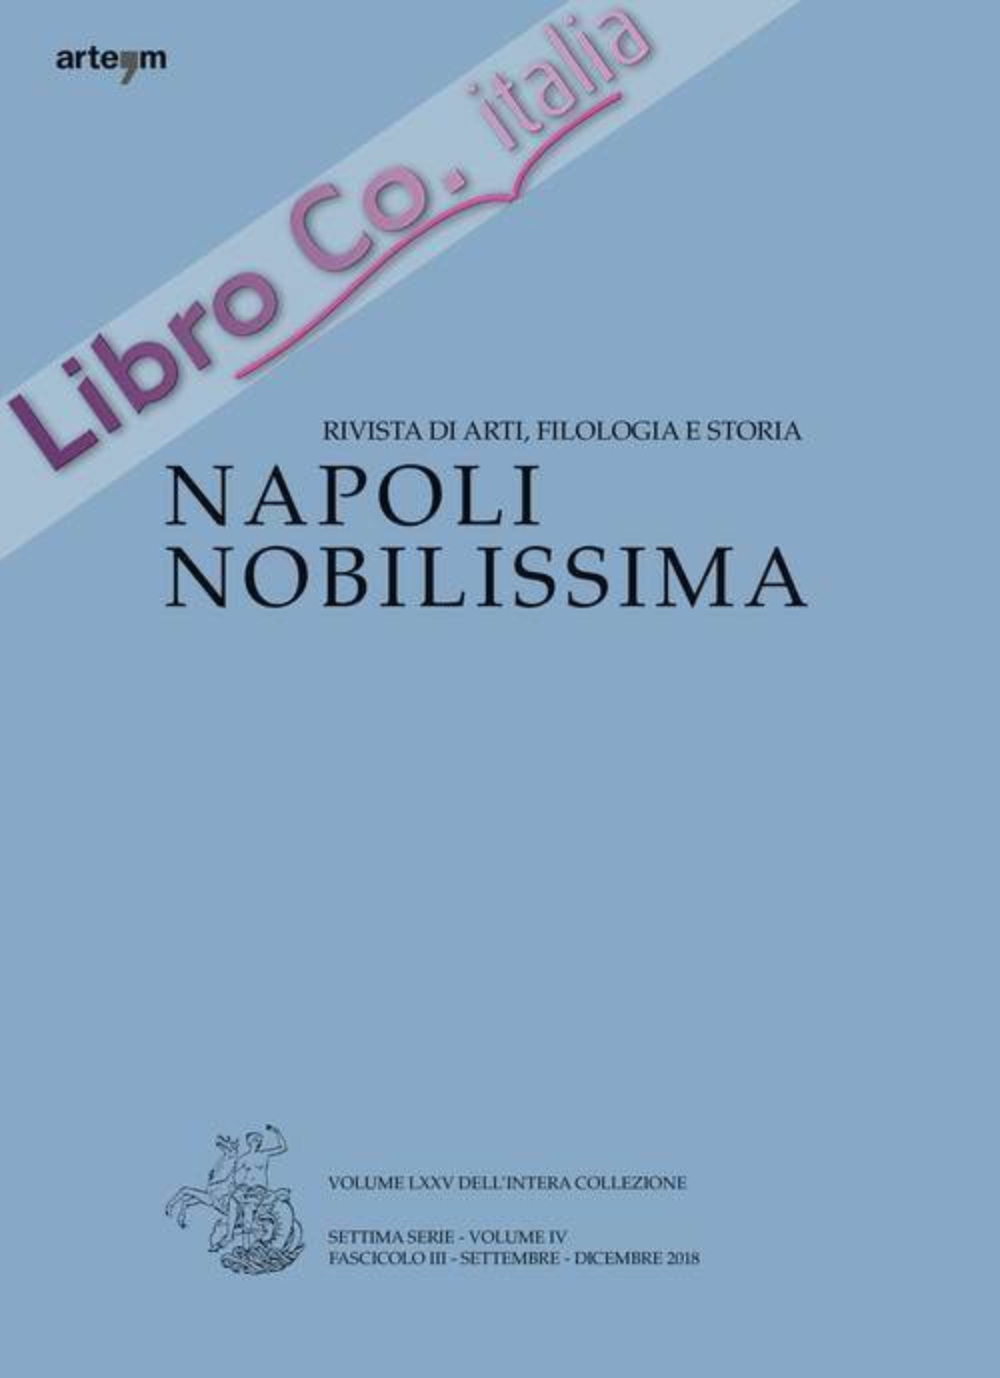 Napoli Nobilissima. Rivista di Arti, Filologia e storia. Settima Serie, Volume IV. Fascicolo III, Settembre-Dicembre 2018